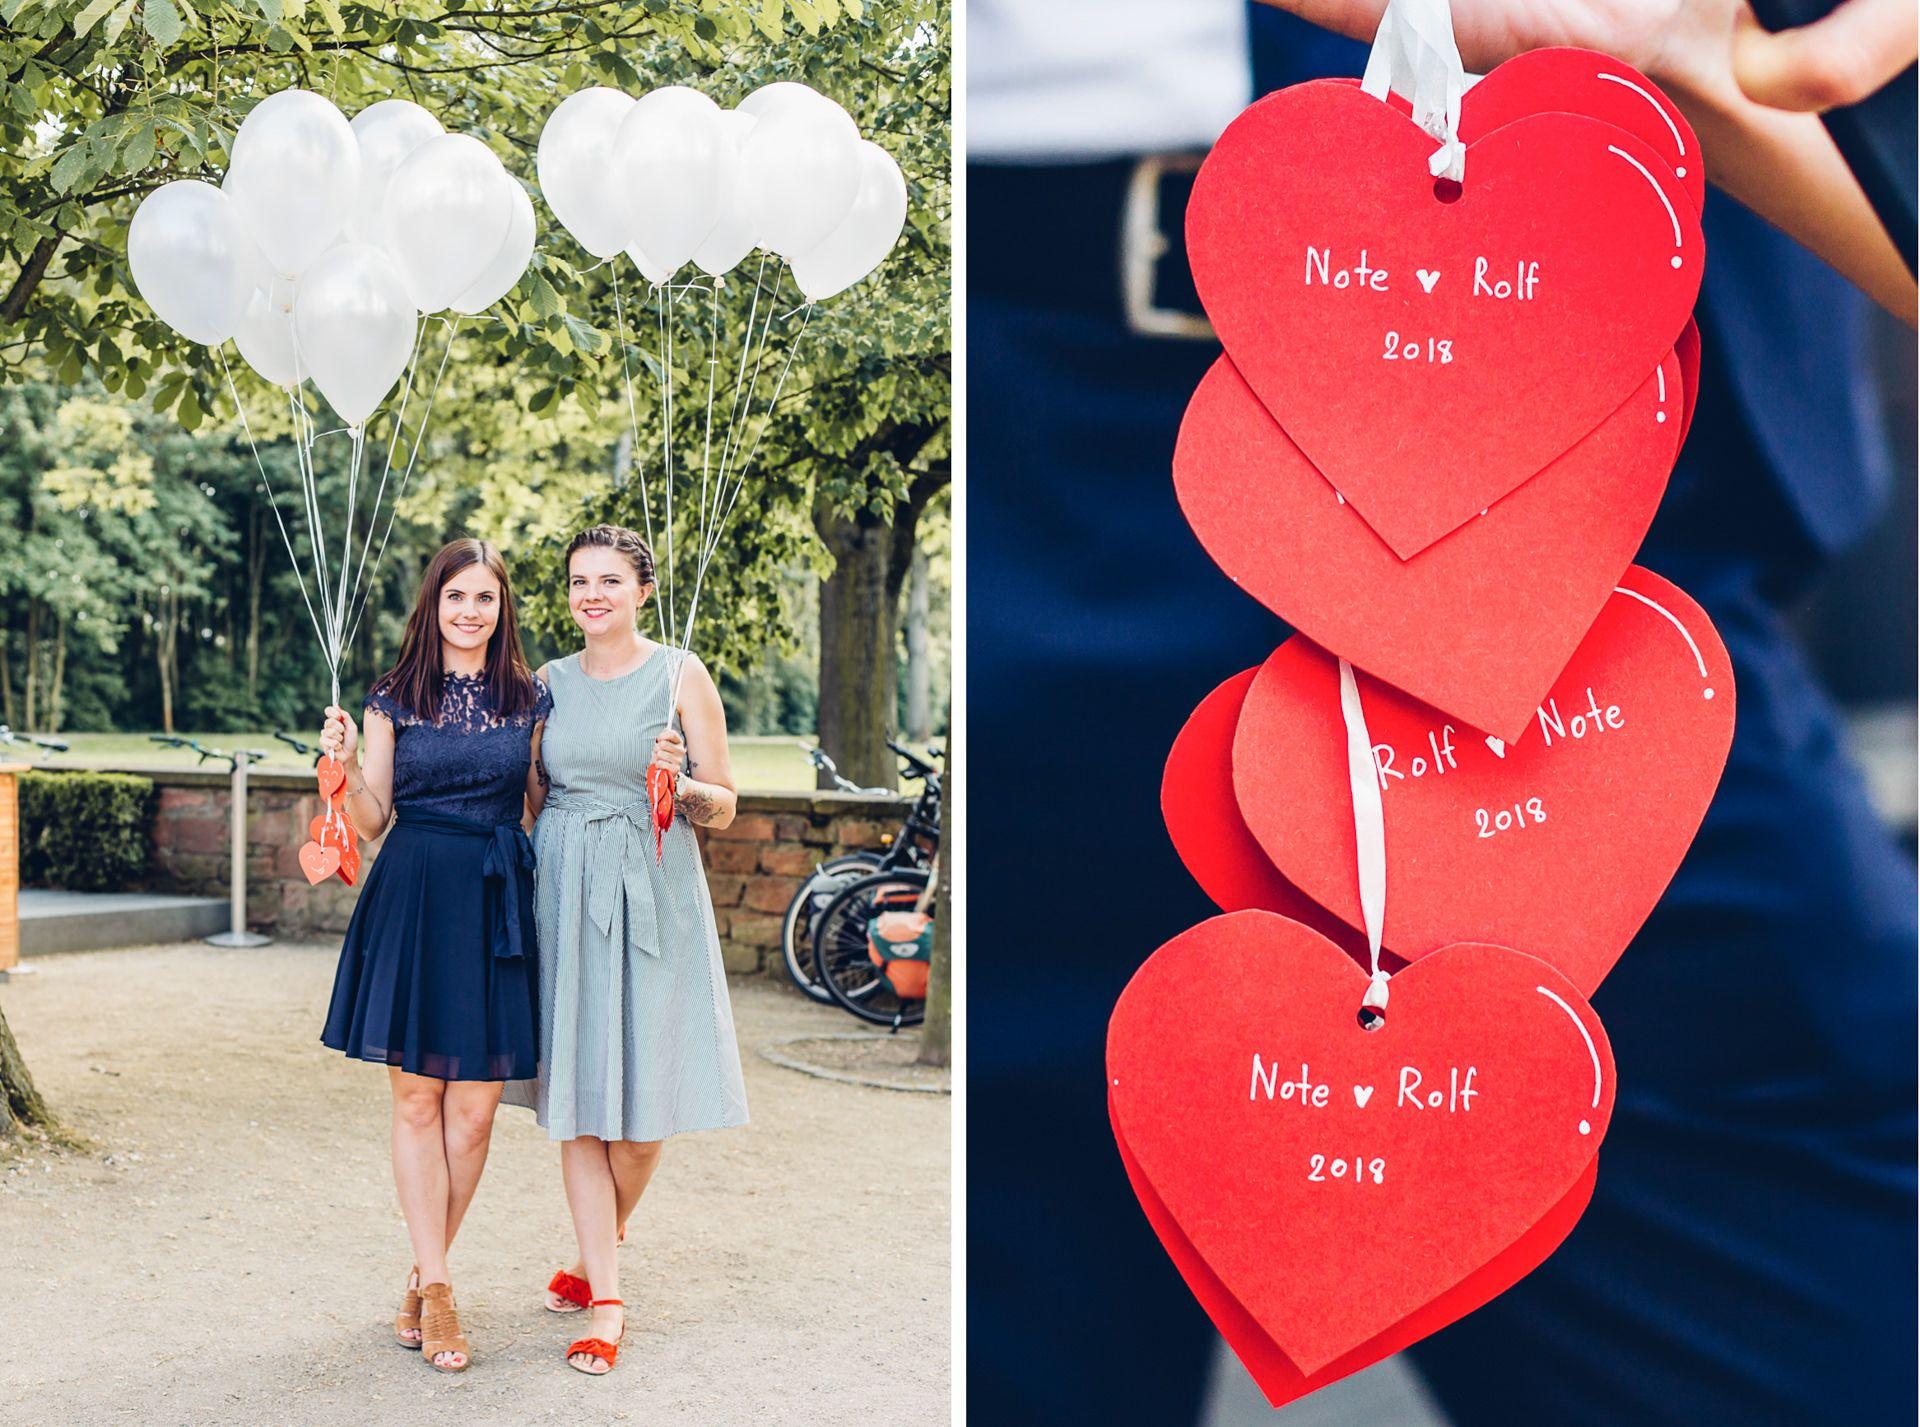 Gerbermuhle Frankfurt Hochzeitsfotografin Ljuba Gonchar Hochzeitsfotograf Mainz Speyer Und Kaisersla Gerbermuhle Standesamtliche Trauung Hochzeitsfotograf